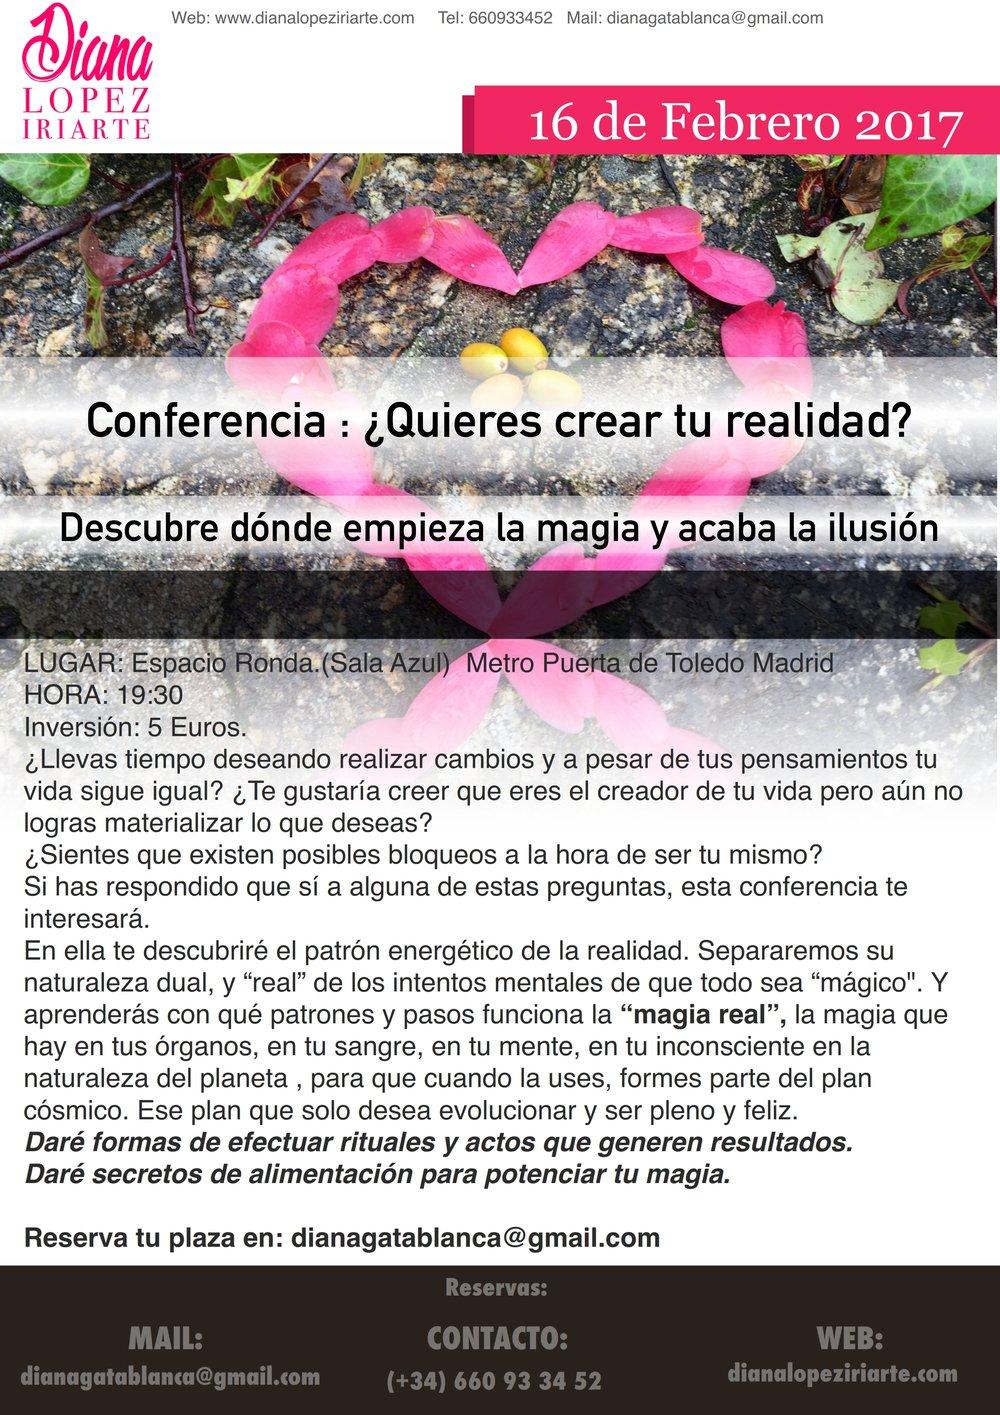 Conferencia ¿Quieres crear tu realidad?